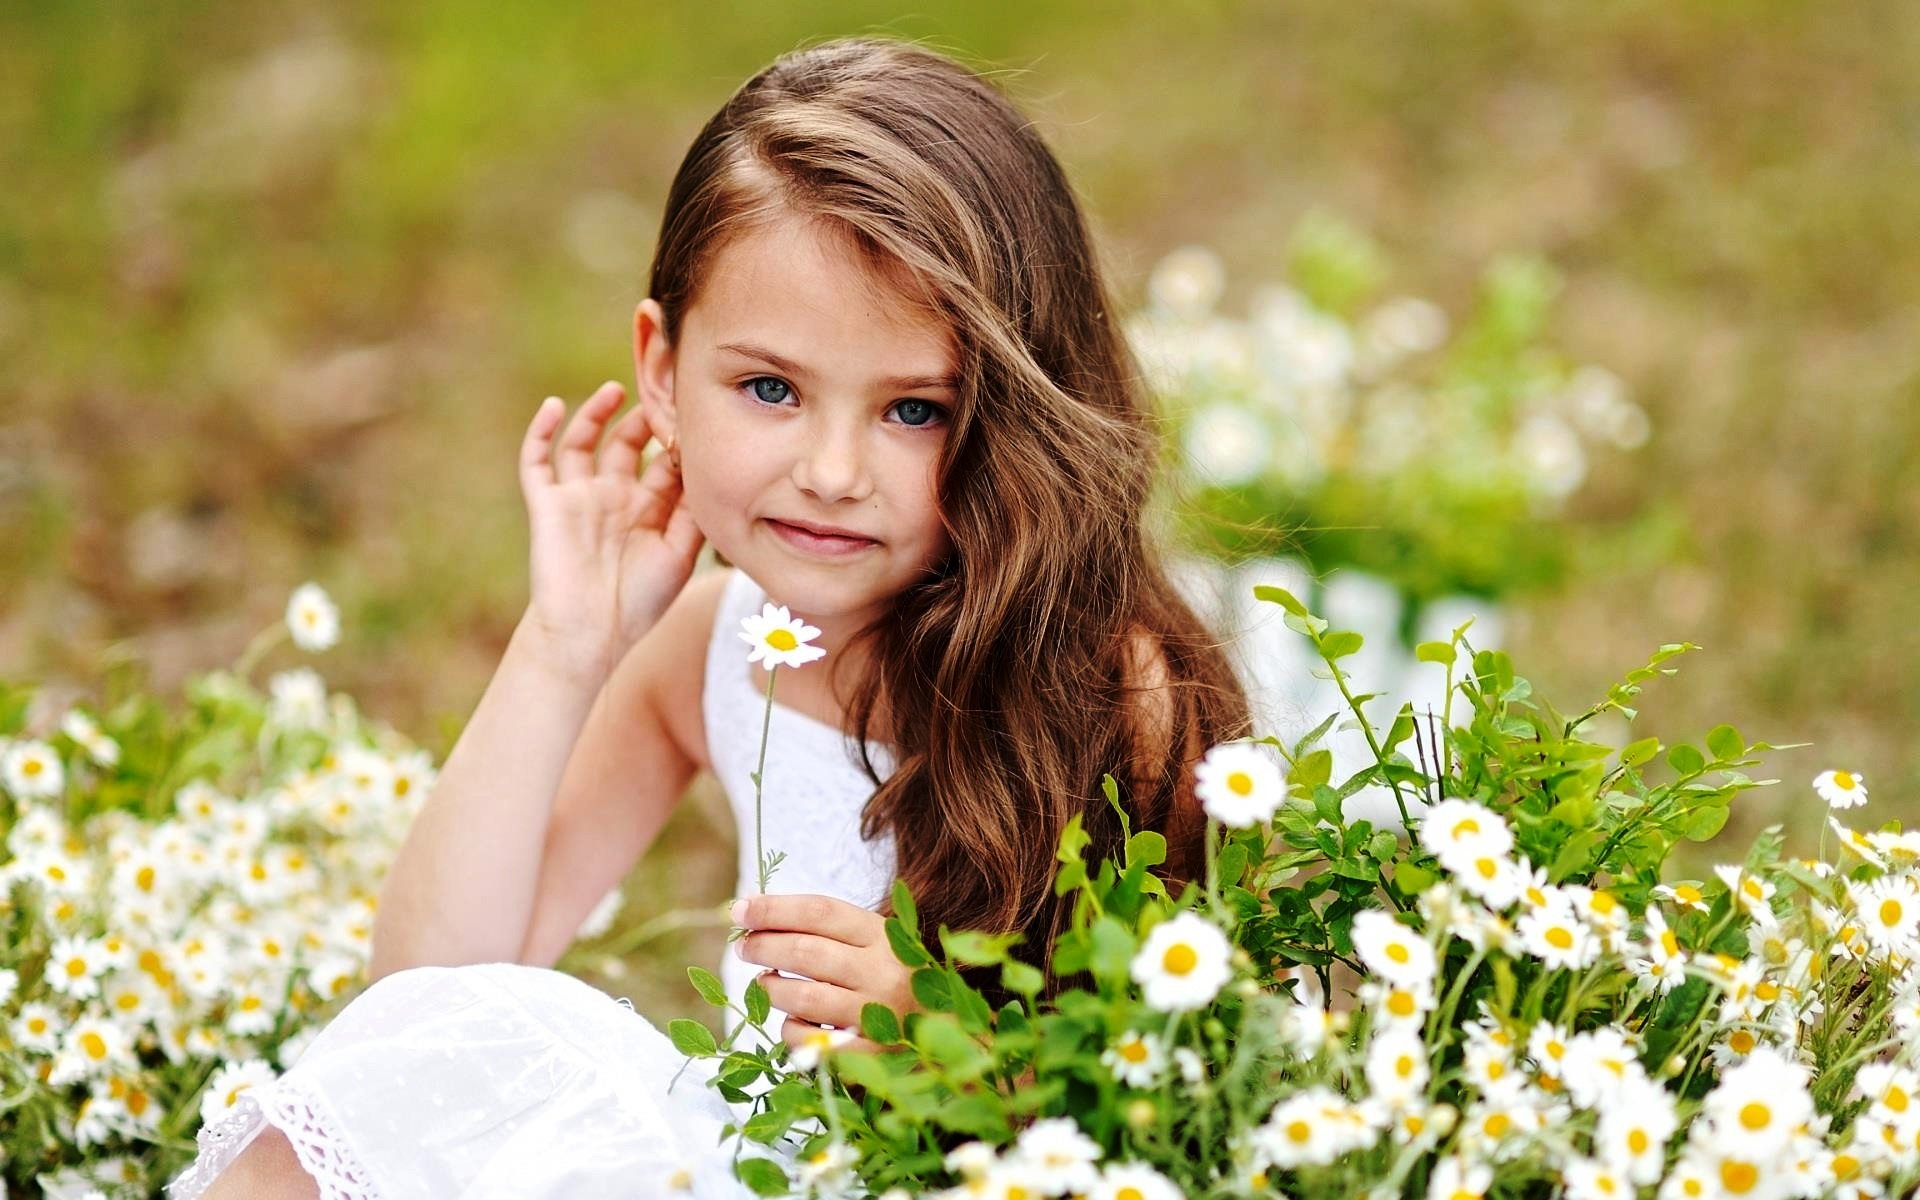 فتيات جميلات صور بنات اطفال يجننوا وداع وفراق